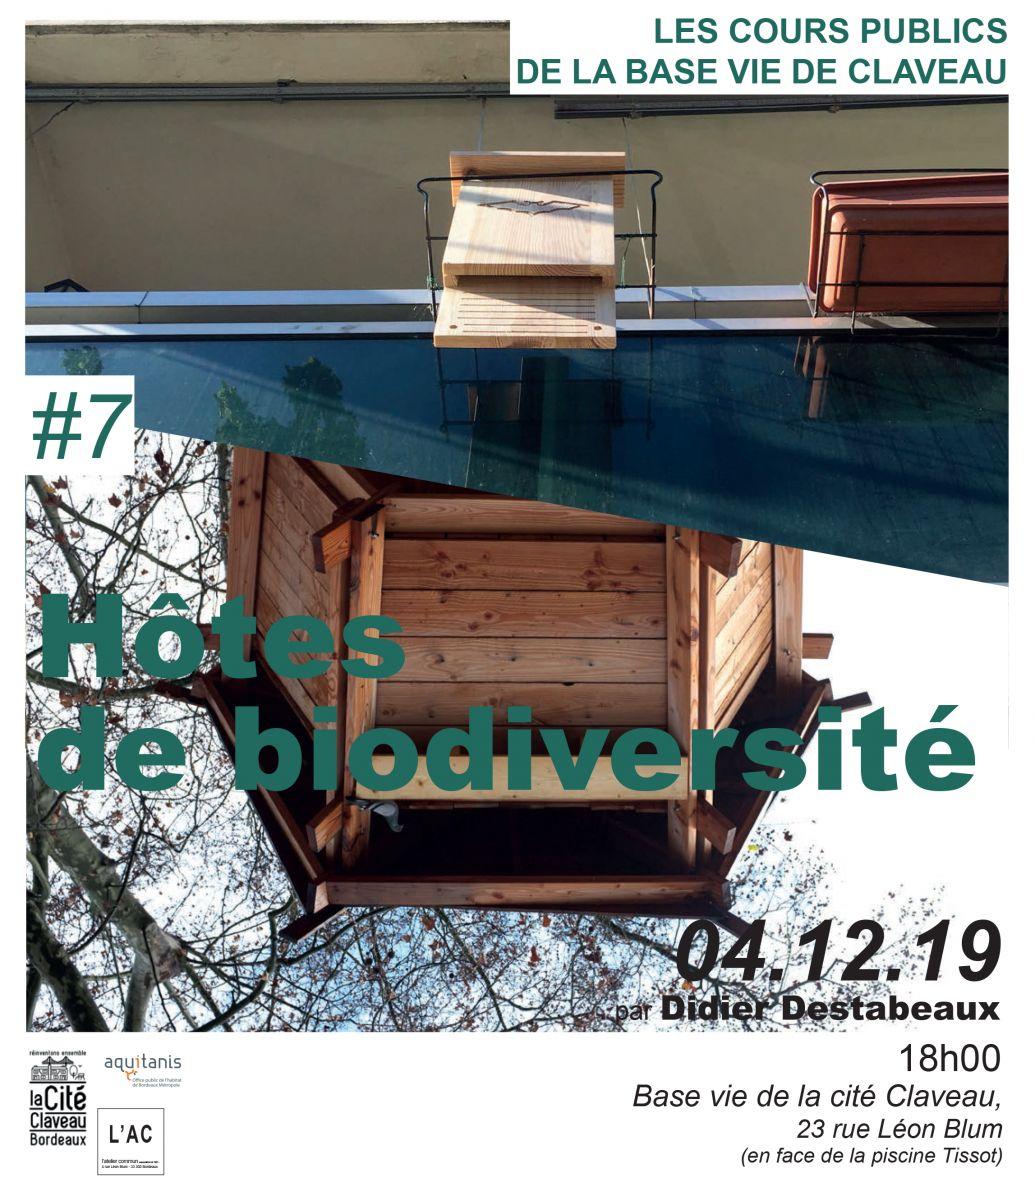 Hôtes De Biodiversité Par Didier Destabeaux - Aquitanisphere à Piscine Ambes